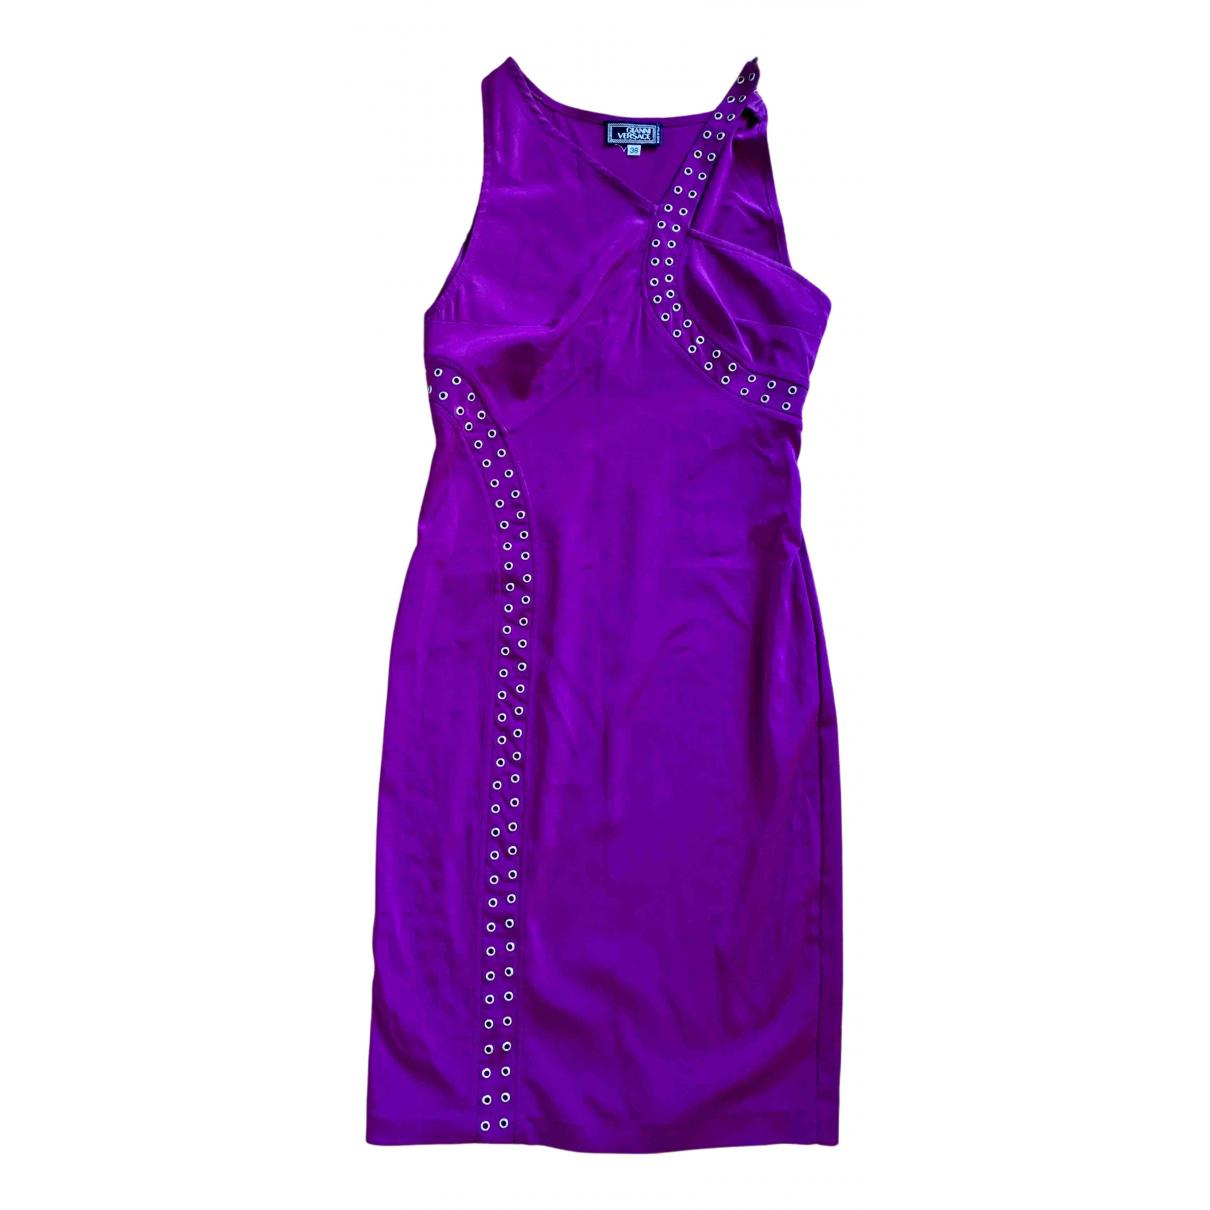 Gianni Versace - Robe   pour femme - violet